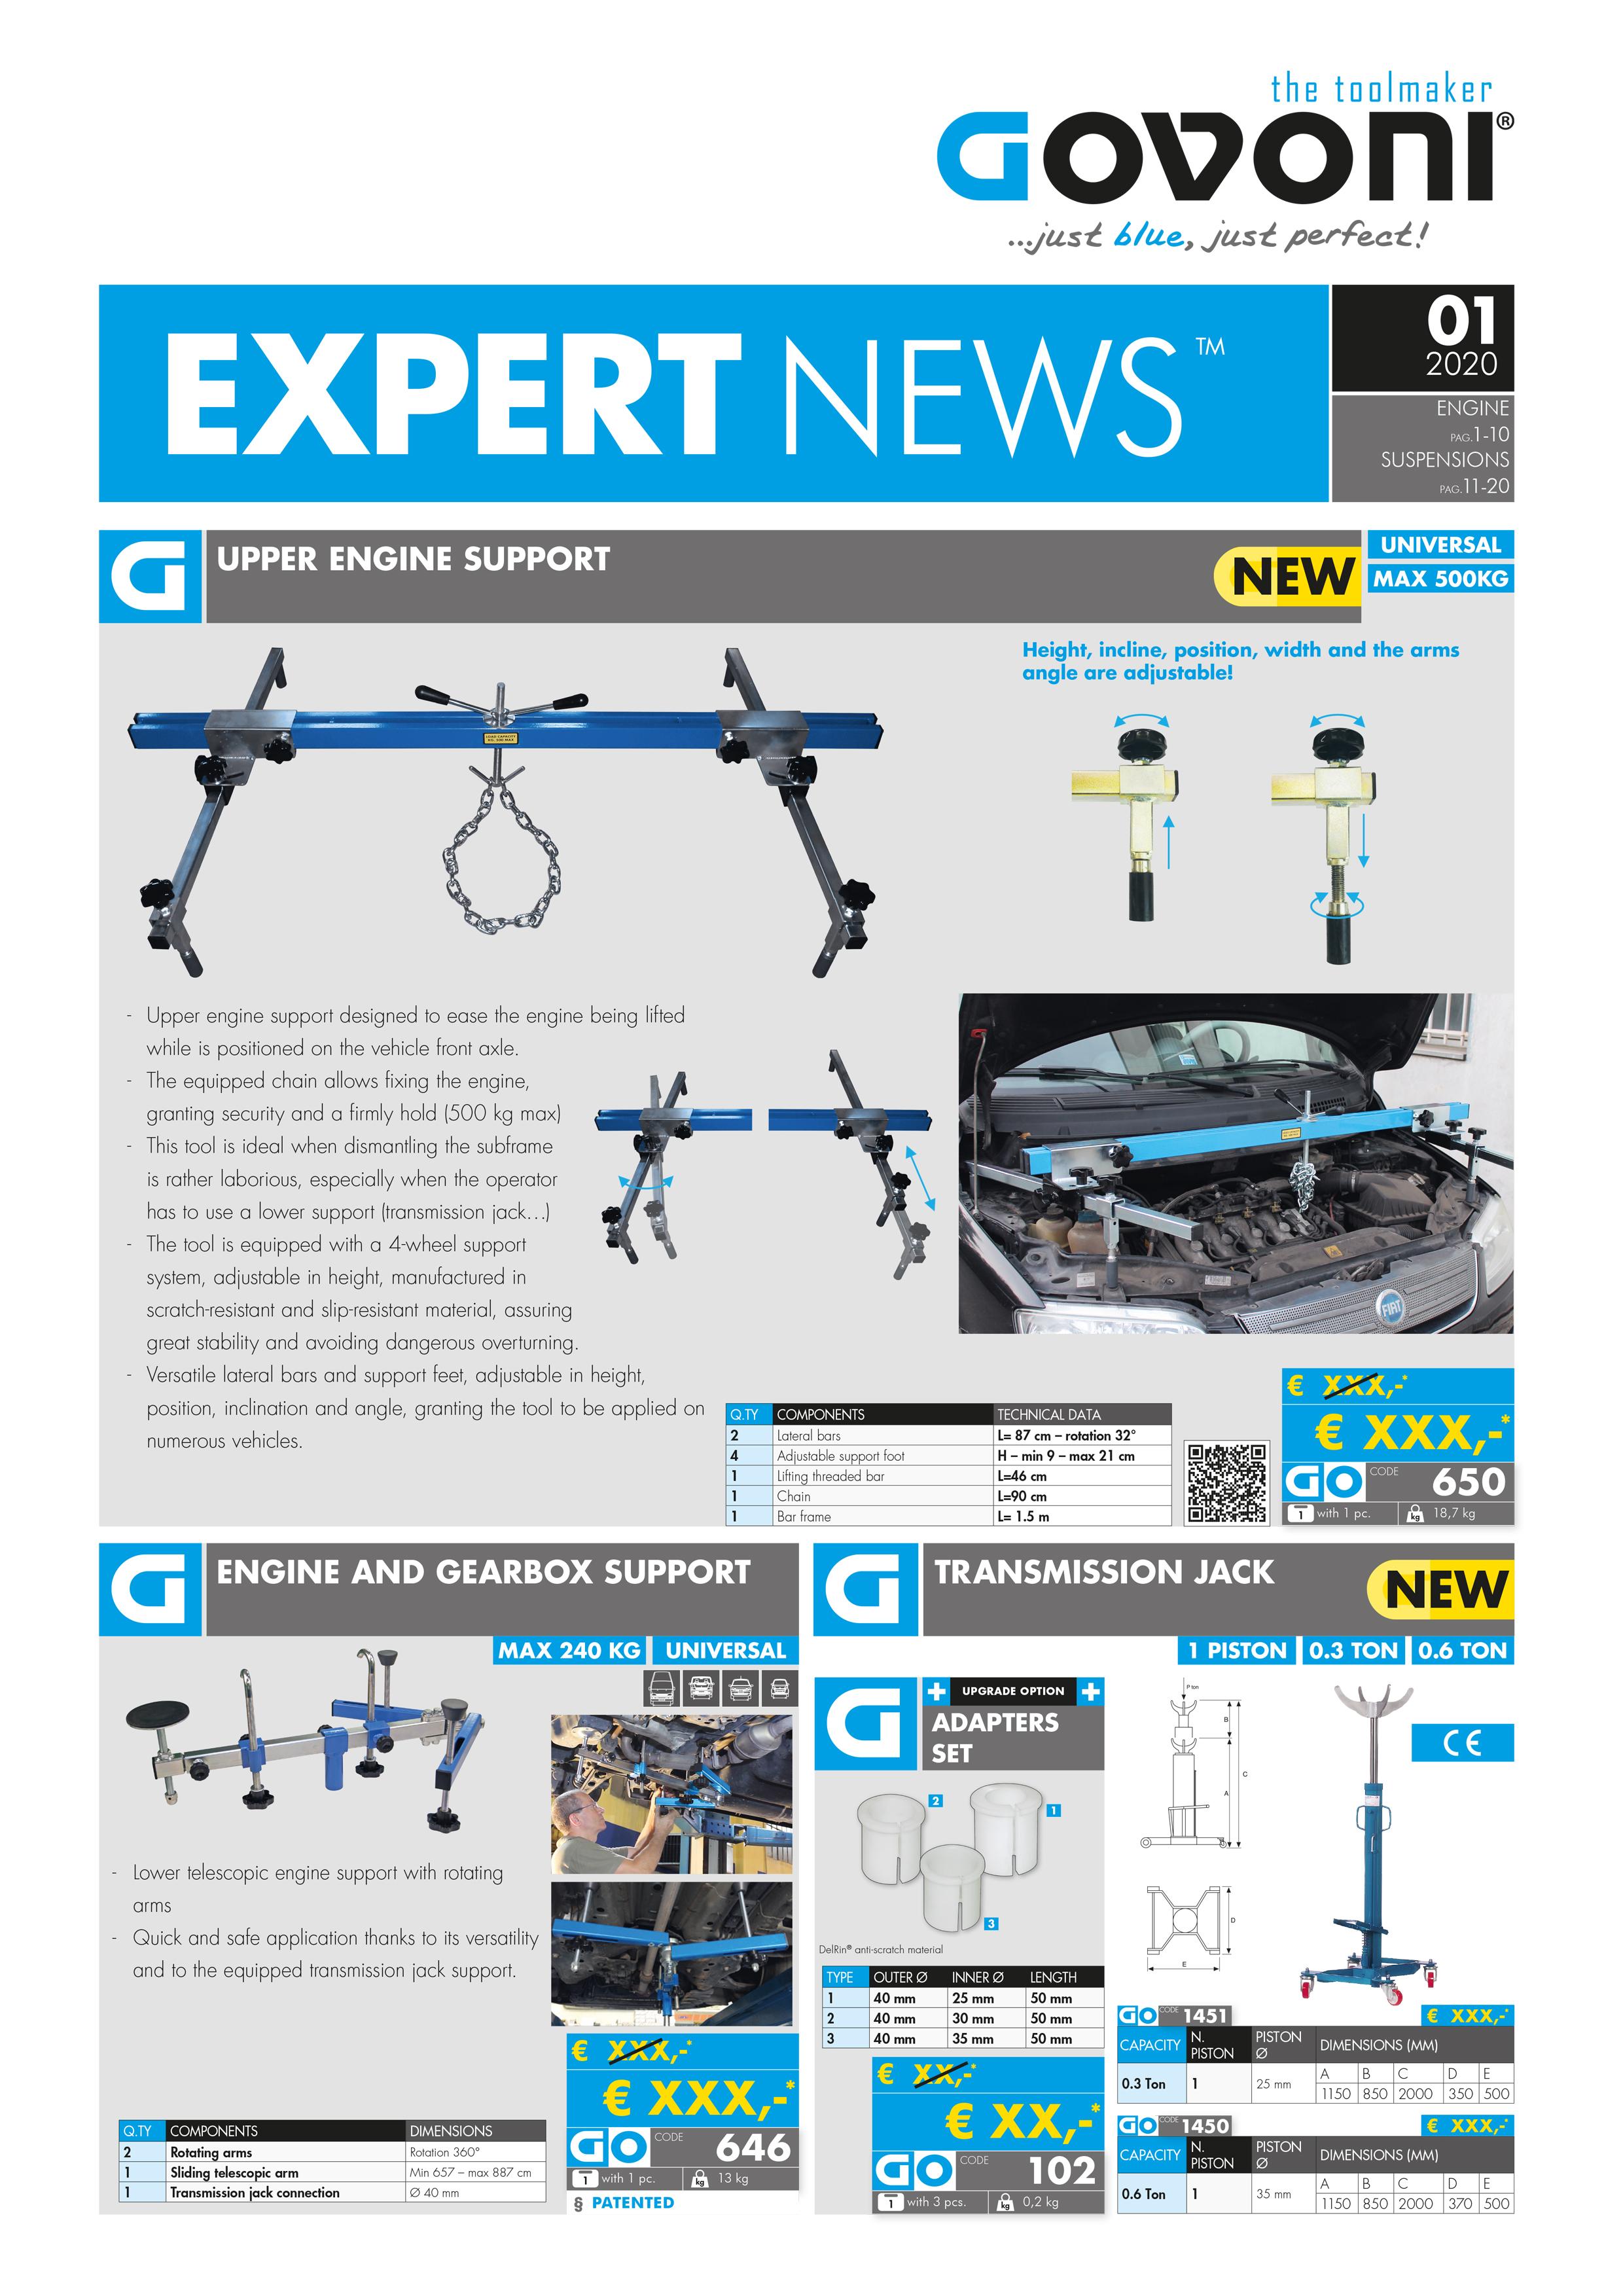 EXPERT NEWS 01.2020